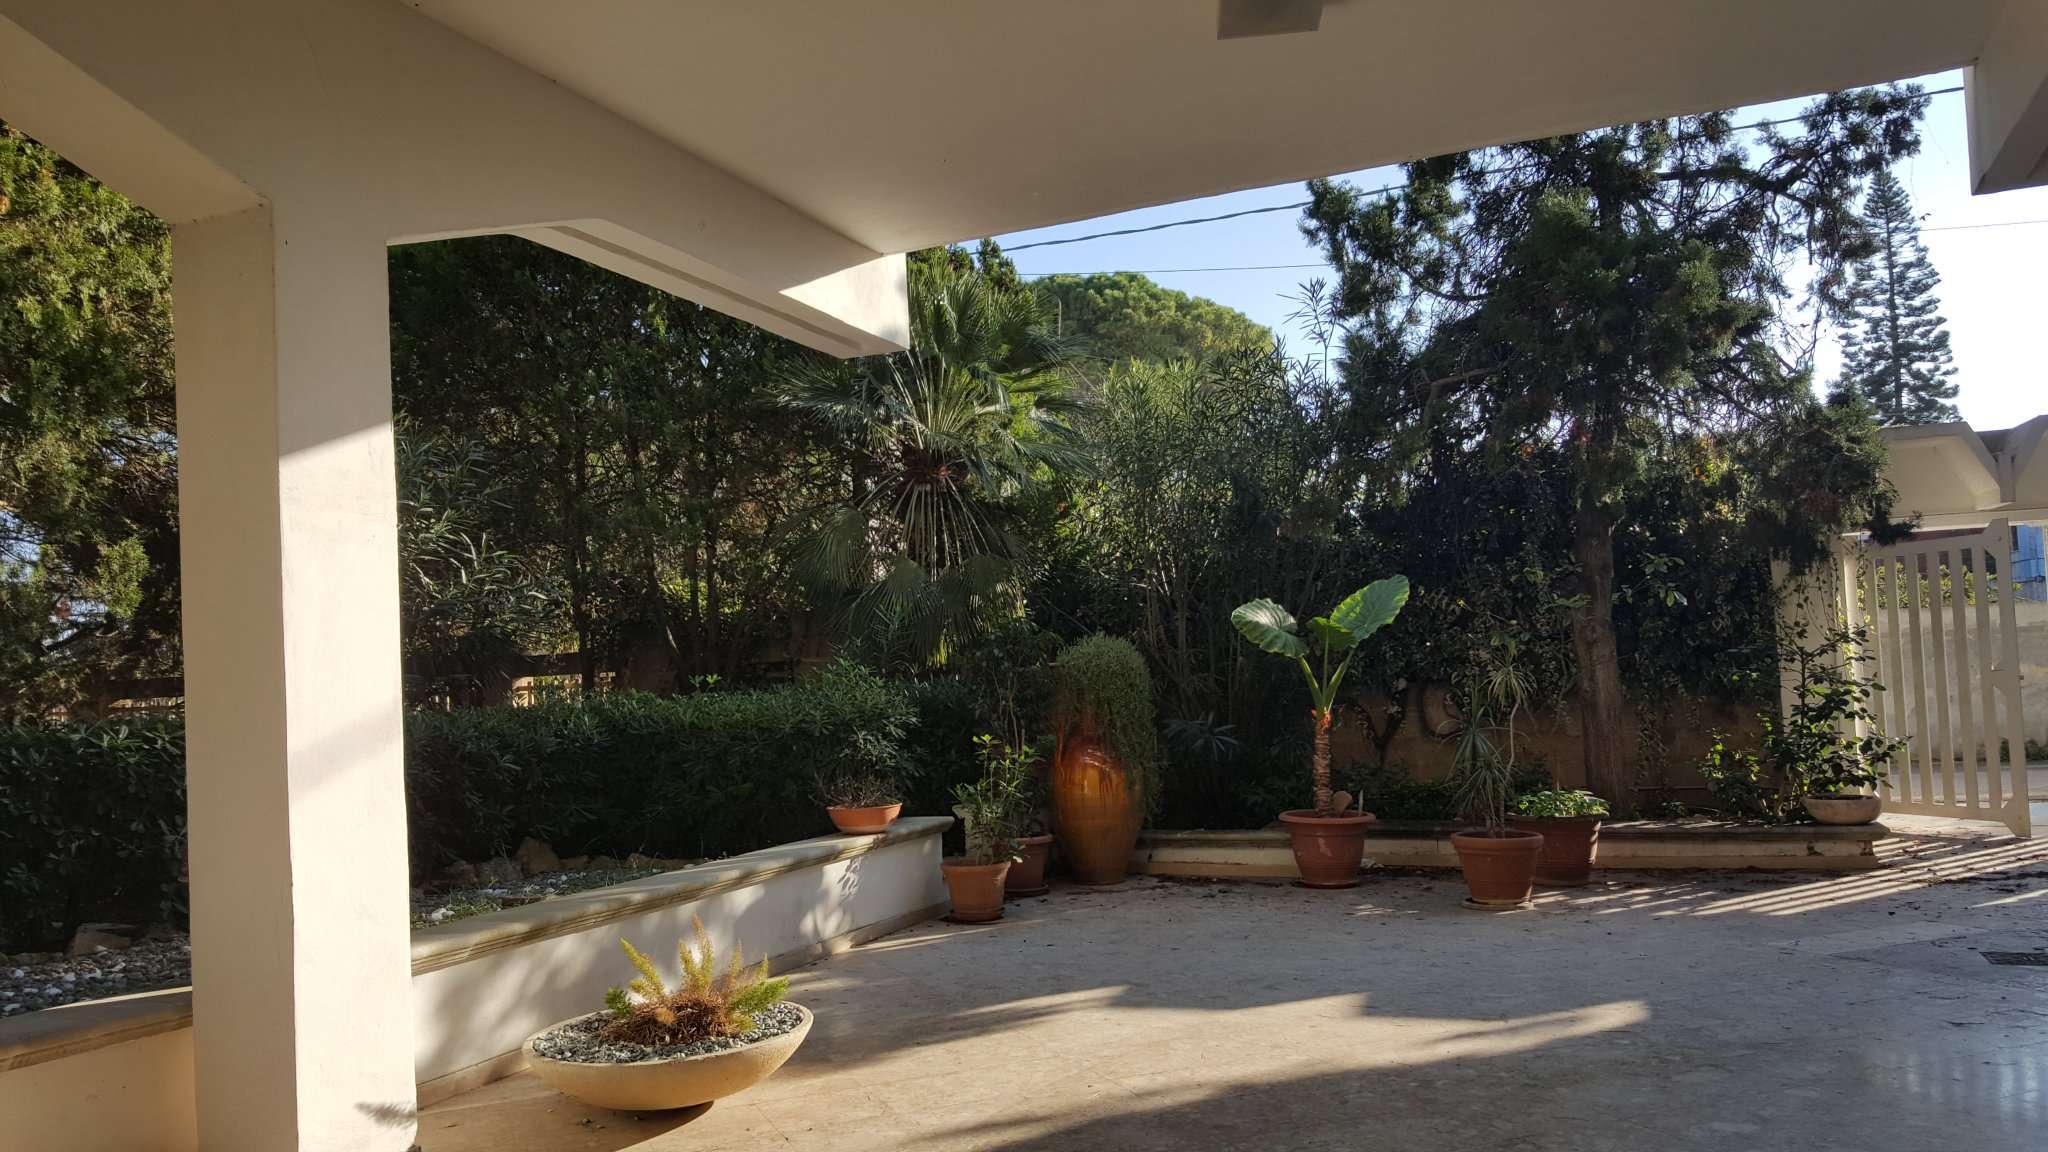 Villa Bifamiliare in vendita a Taranto, 9999 locali, prezzo € 300.000 | Cambio Casa.it